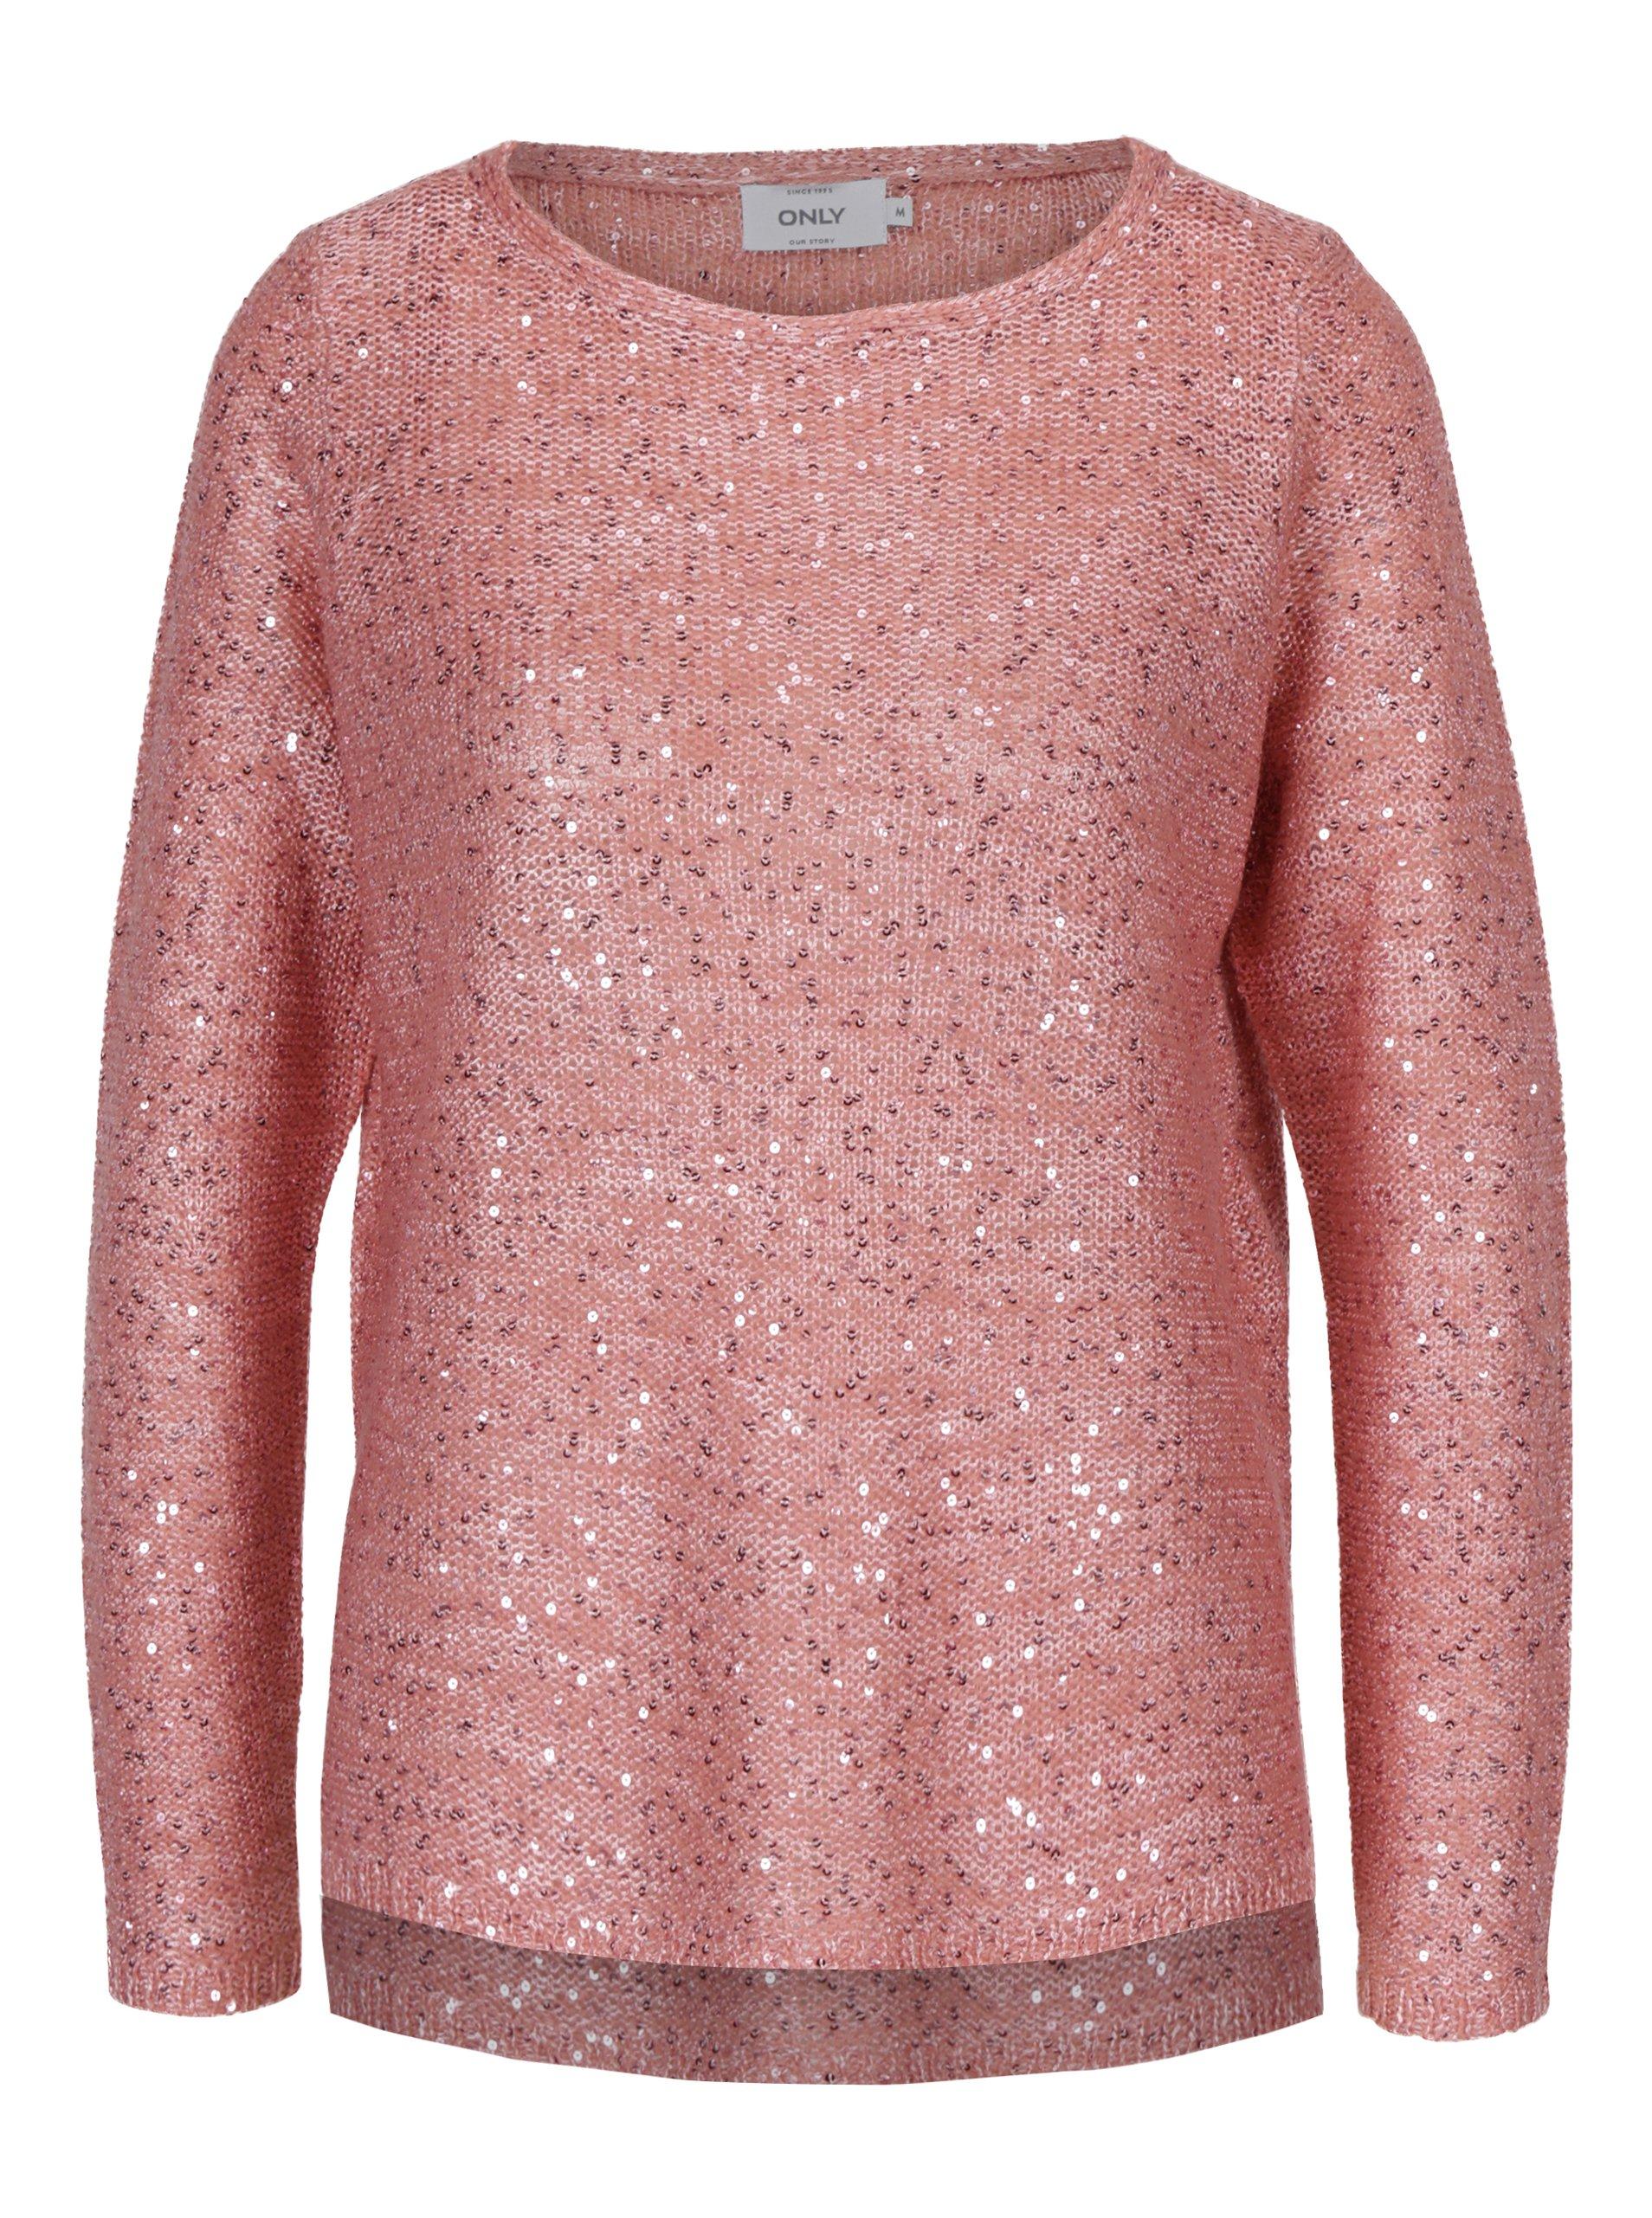 c383f9f50041 Růžový pletený svetr s flitry ONLY Adele